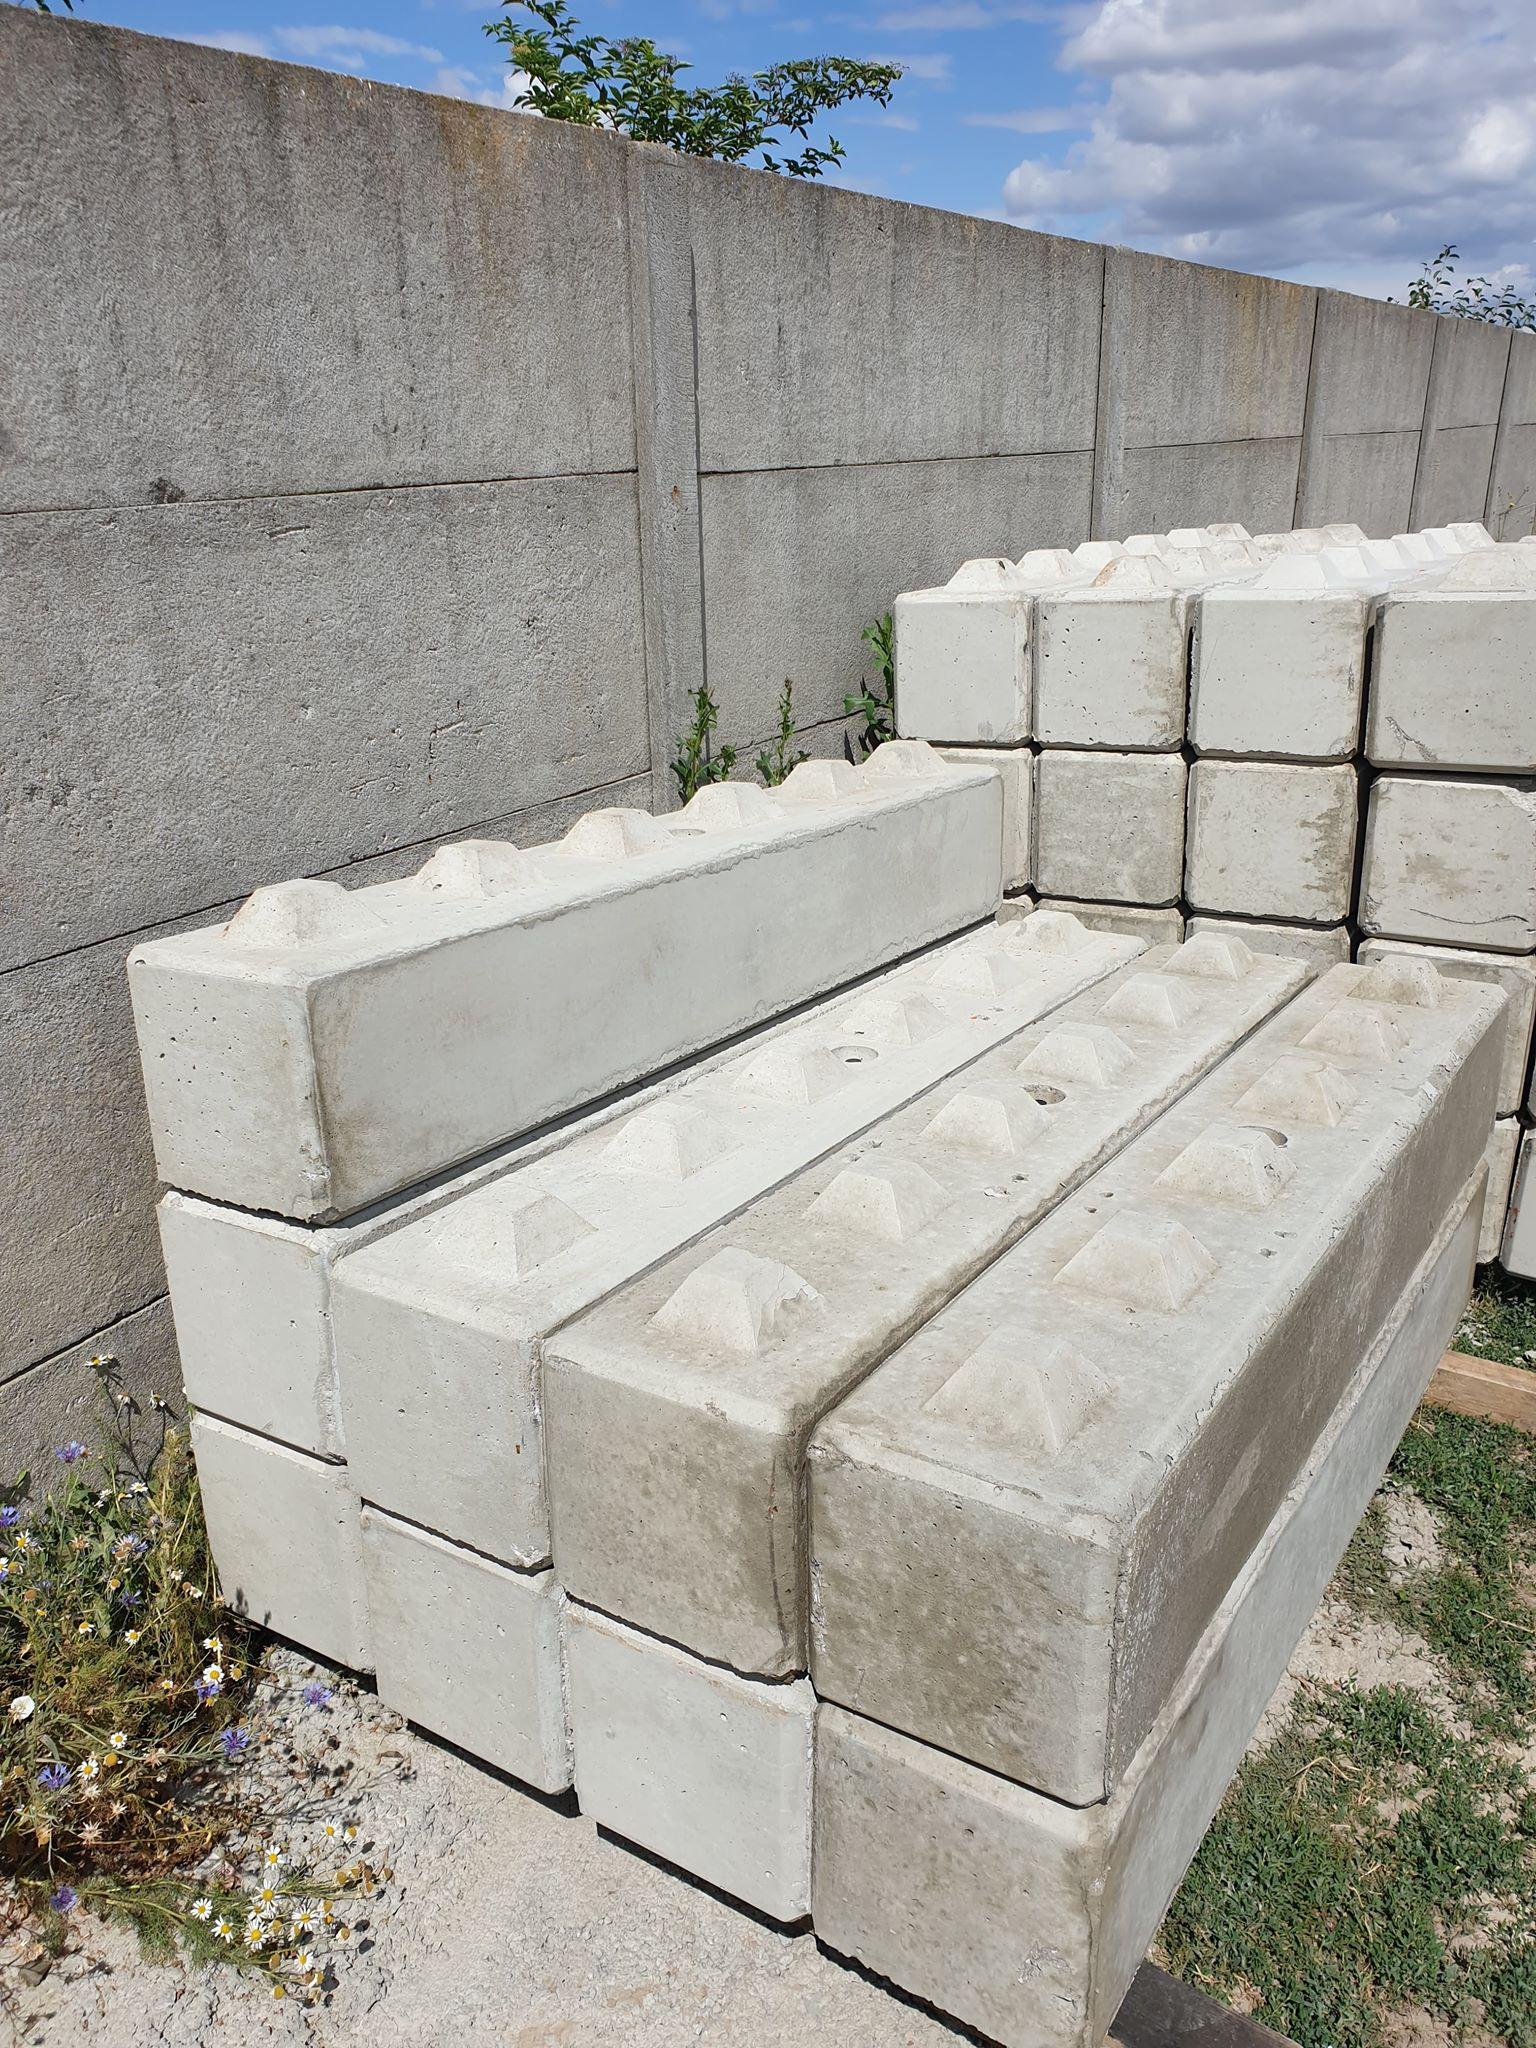 Klocki betonowe w wymiarach 30x30x180